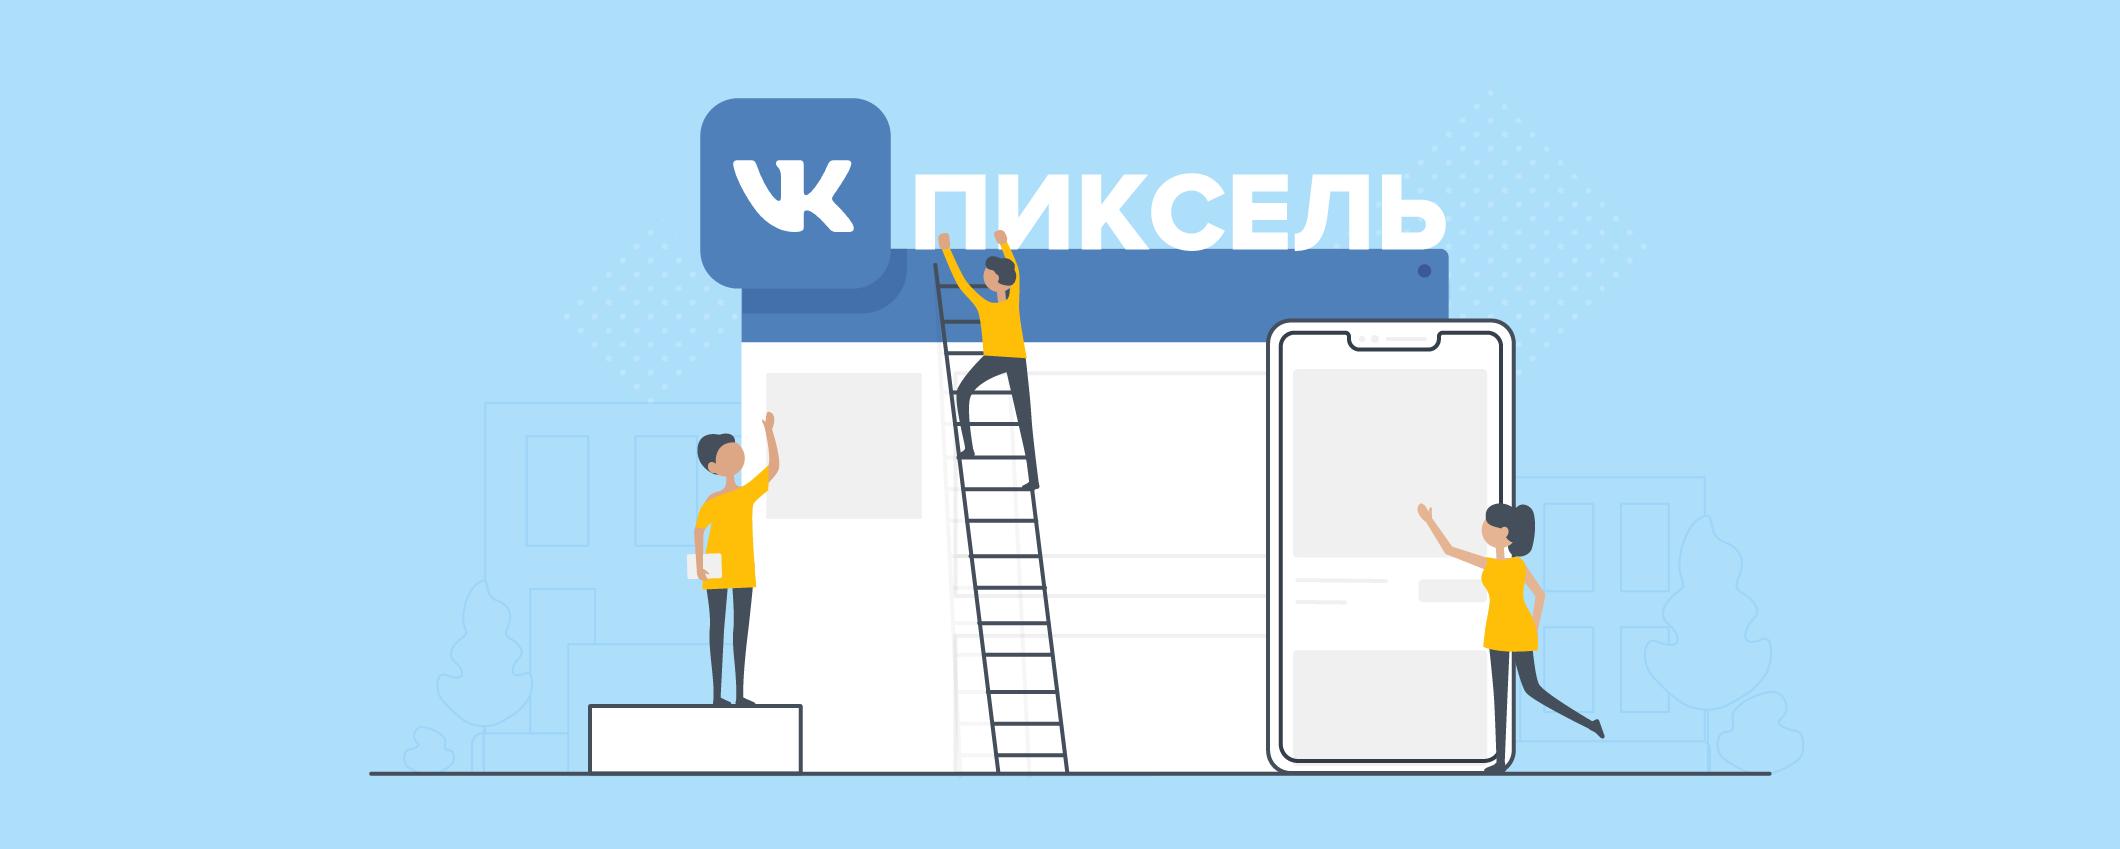 Пиксель ВКонтакте в Эквид-магазине: запустите ретаргетинг и продавайте больше